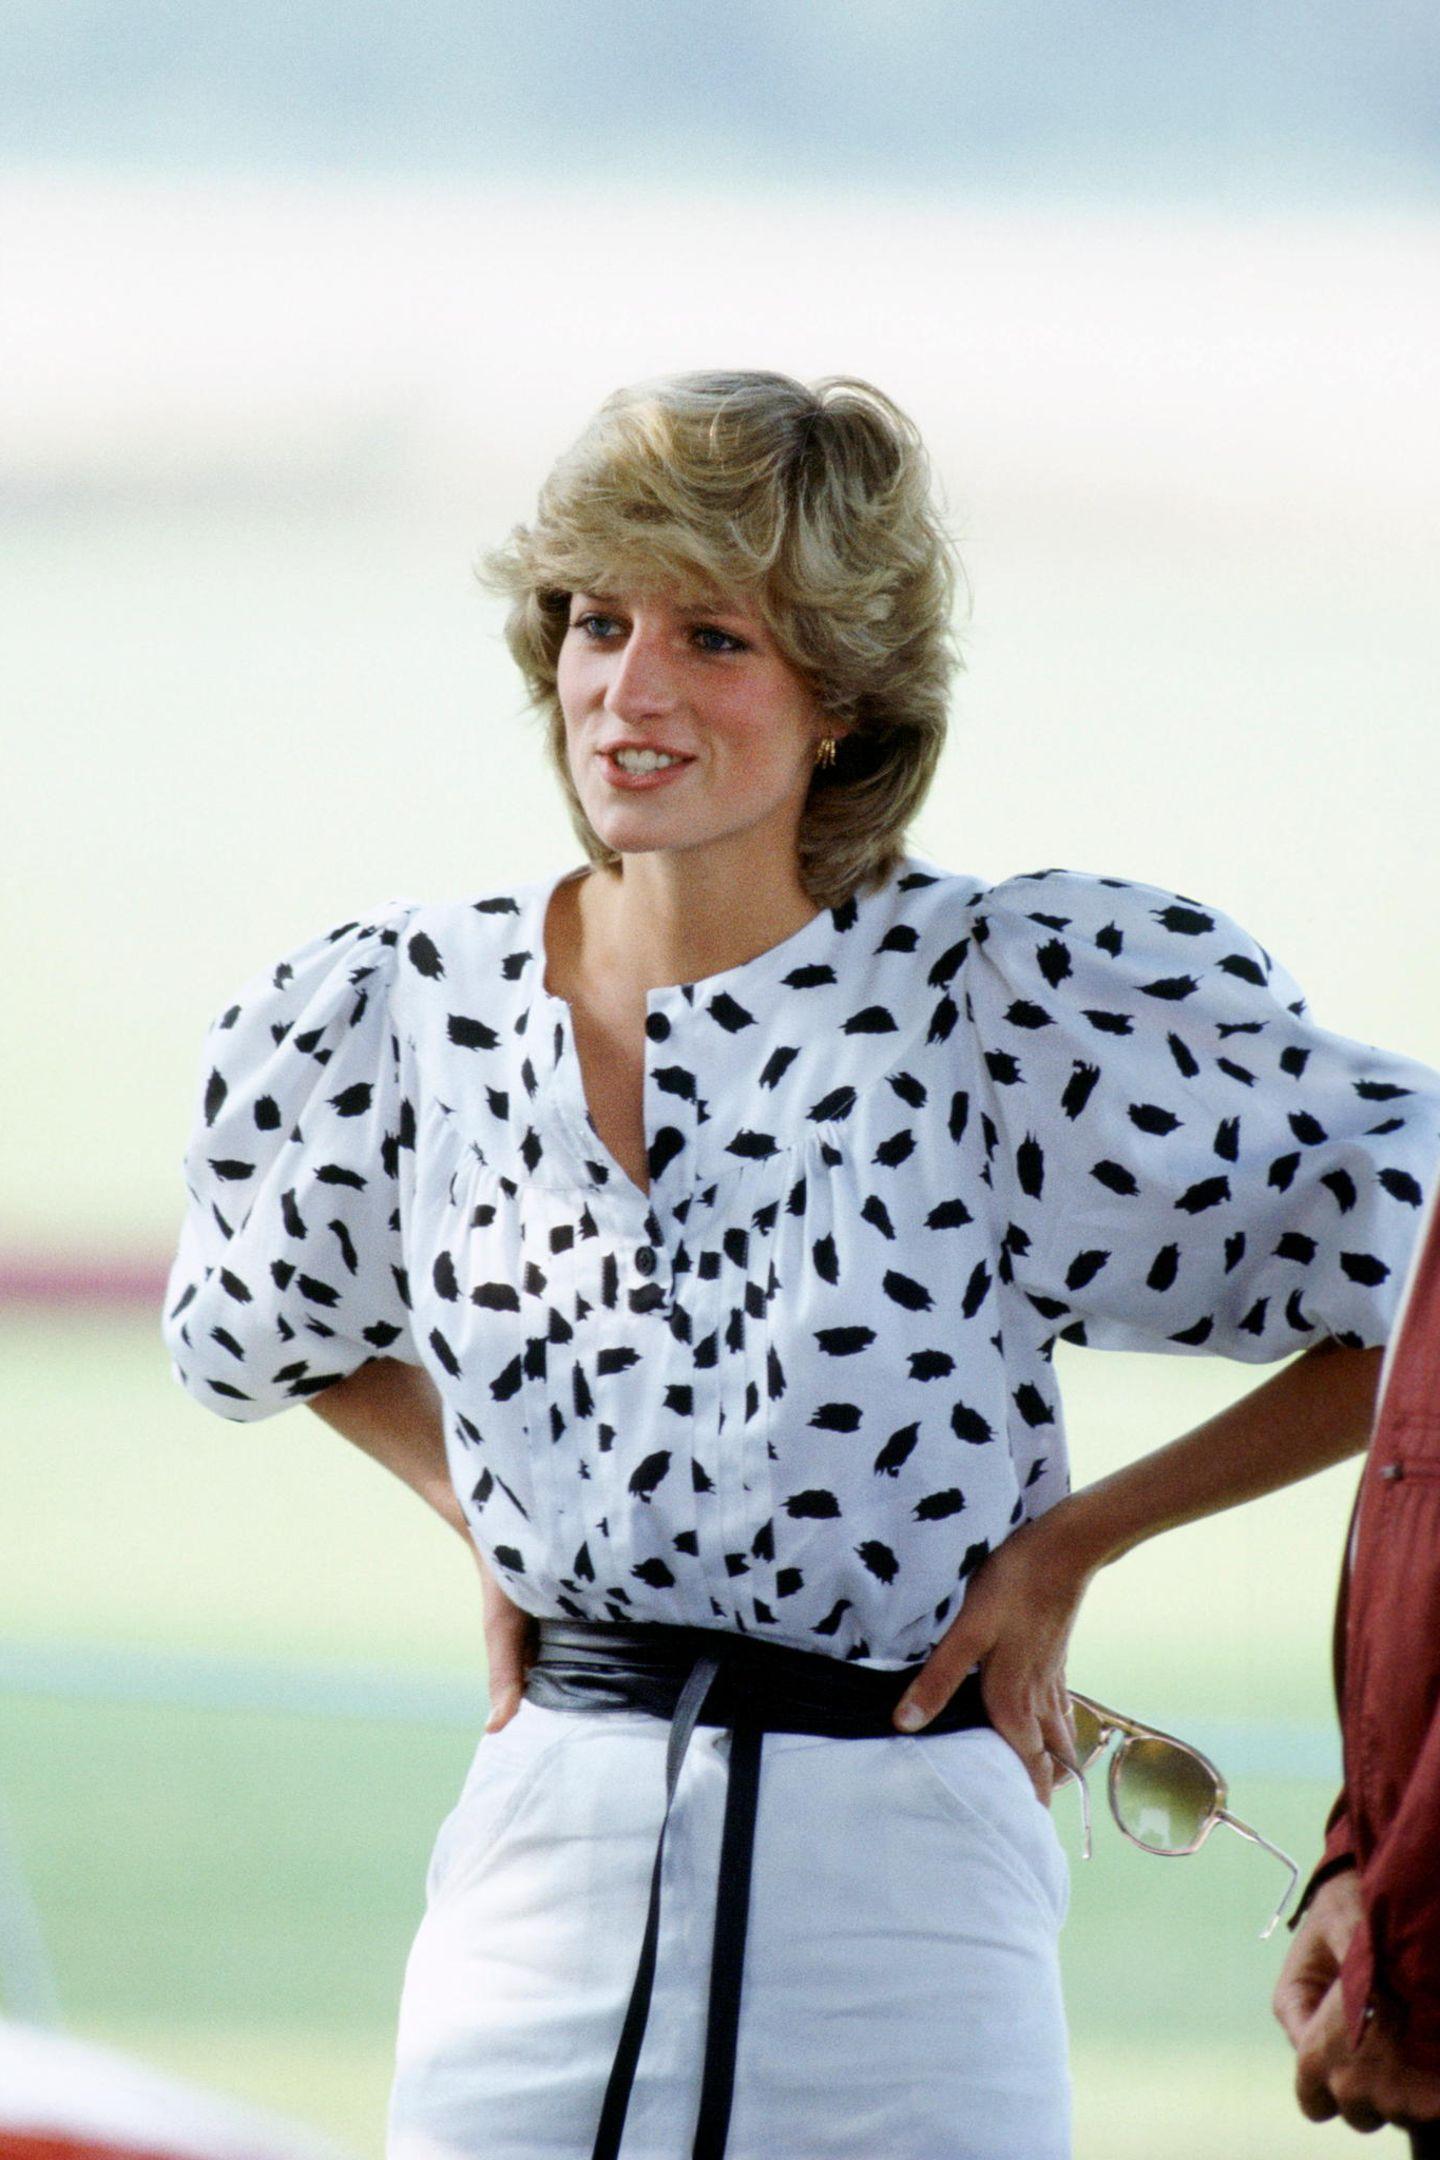 Prinzessin Diana (†36) gilt auch Jahre nach ihrem Tod noch als absolute Stilikone. Bei einem Polo-Match in 1983 zeigt sie sich in einer gemusterten Bluse mit opulenten Puffärmeln - ein Style, der auch heute wieder total modern ist...